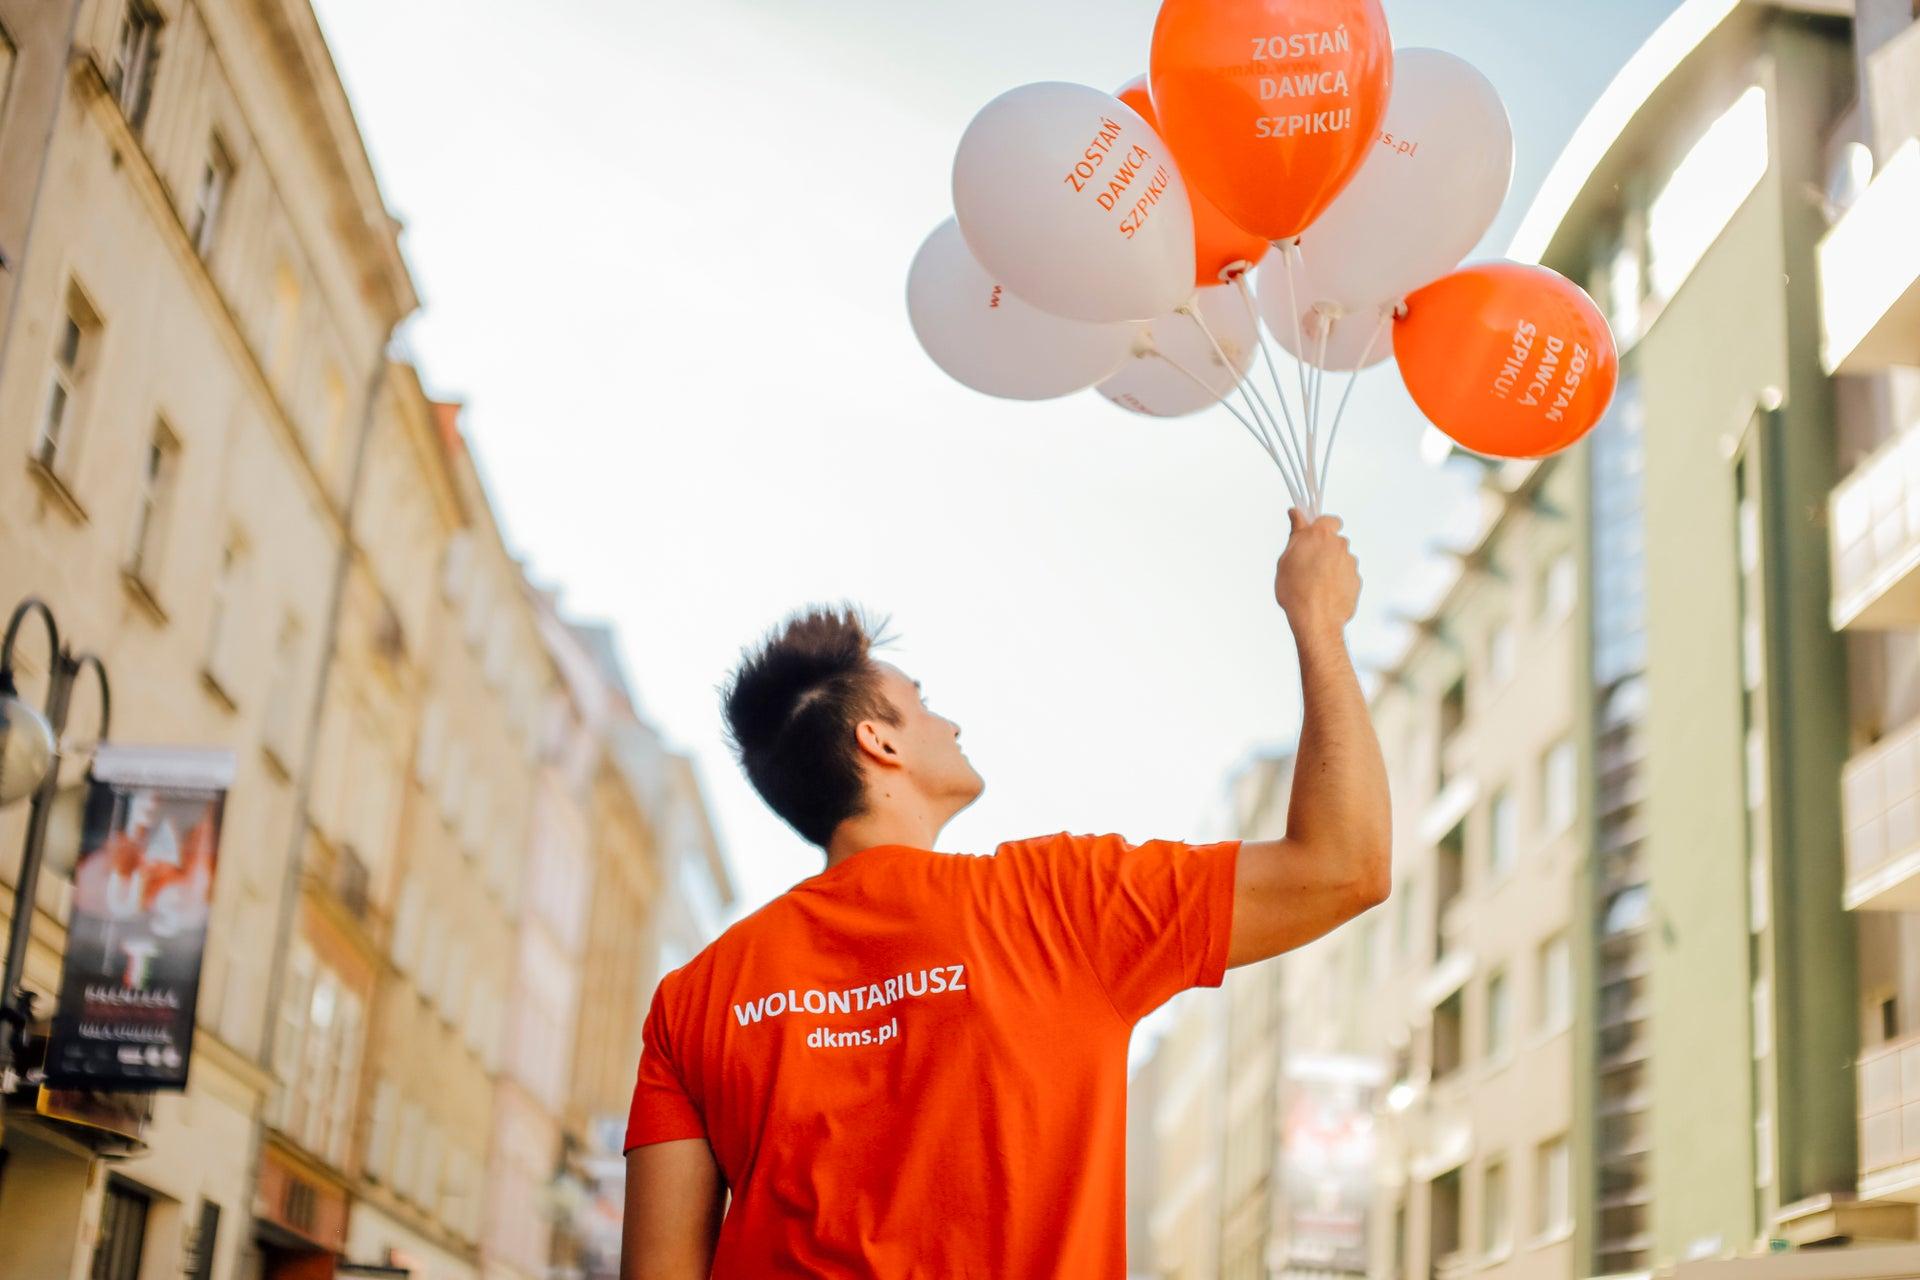 Dawca z balonami